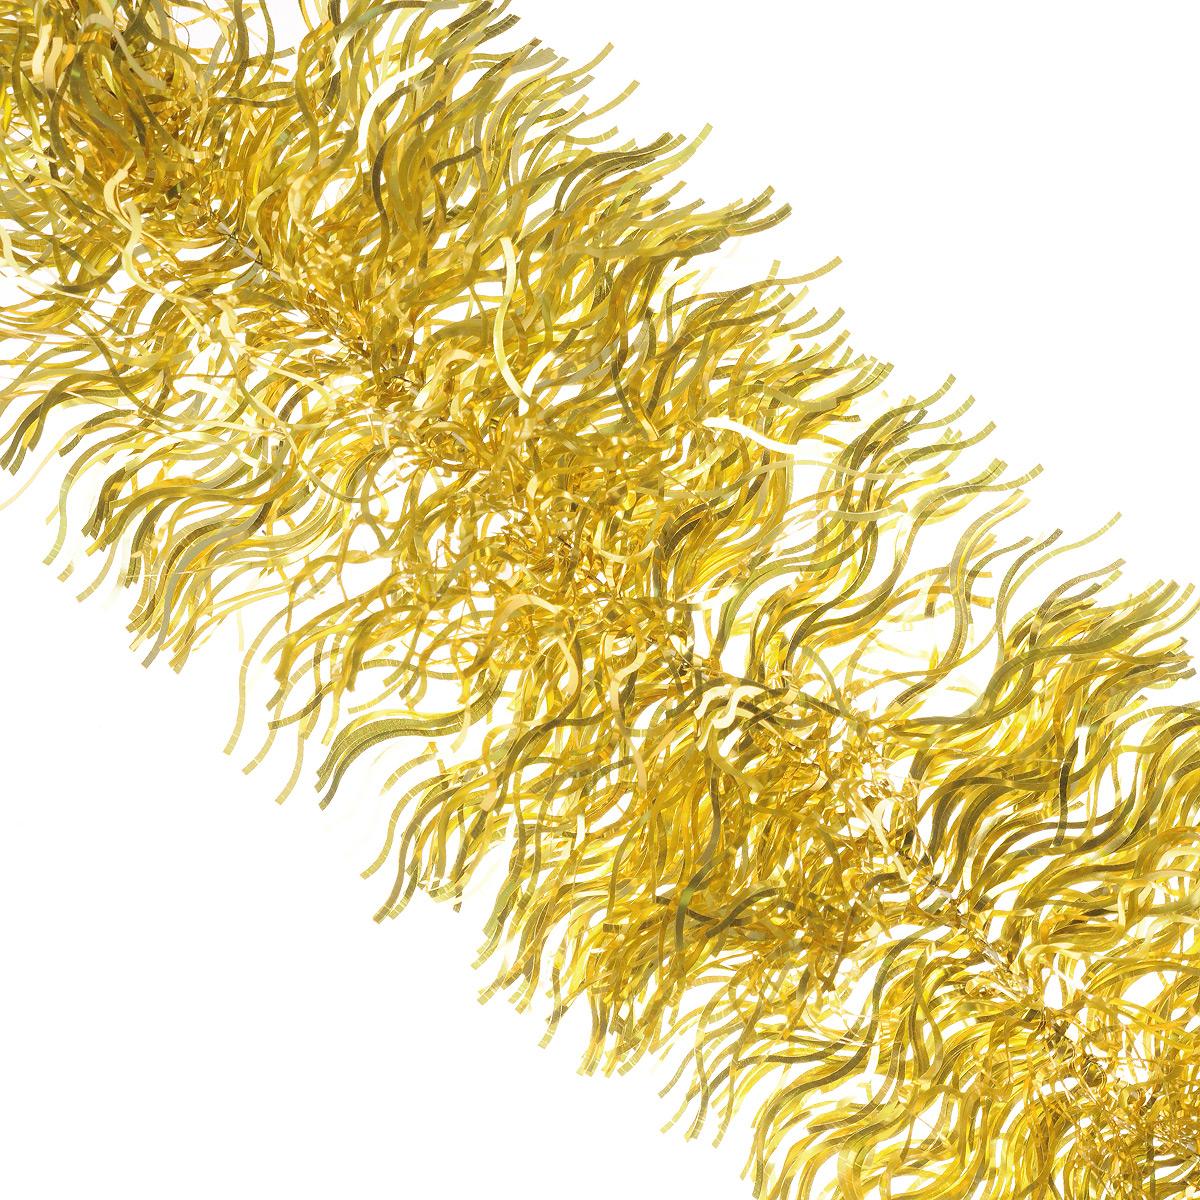 Мишура новогодняя Sima-land, цвет: золотистый, диаметр 20 см, длина 2 м. 702634702634Мишура новогодняя Sima-land, выполненная из фольги, поможет вам украсить свой дом к предстоящим праздникам. Мишура армирована, то есть имеет проволоку внутри и способна сохранять приданную ей форму.Новогодняя елка с таким украшением станет еще наряднее. Новогодней мишурой можно украсить все, что угодно - елку, квартиру, дачу, офис - как внутри, так и снаружи. Можно сложить новогодние поздравления, буквы и цифры, мишурой можно украсить и дополнить гирлянды, можно выделить дверные колонны, оплести дверные проемы. Коллекция декоративных украшений из серии Зимнее волшебство принесет в ваш дом ни с чем несравнимое ощущение праздника! Создайте в своем доме атмосферу тепла, веселья и радости, украшая его всей семьей.